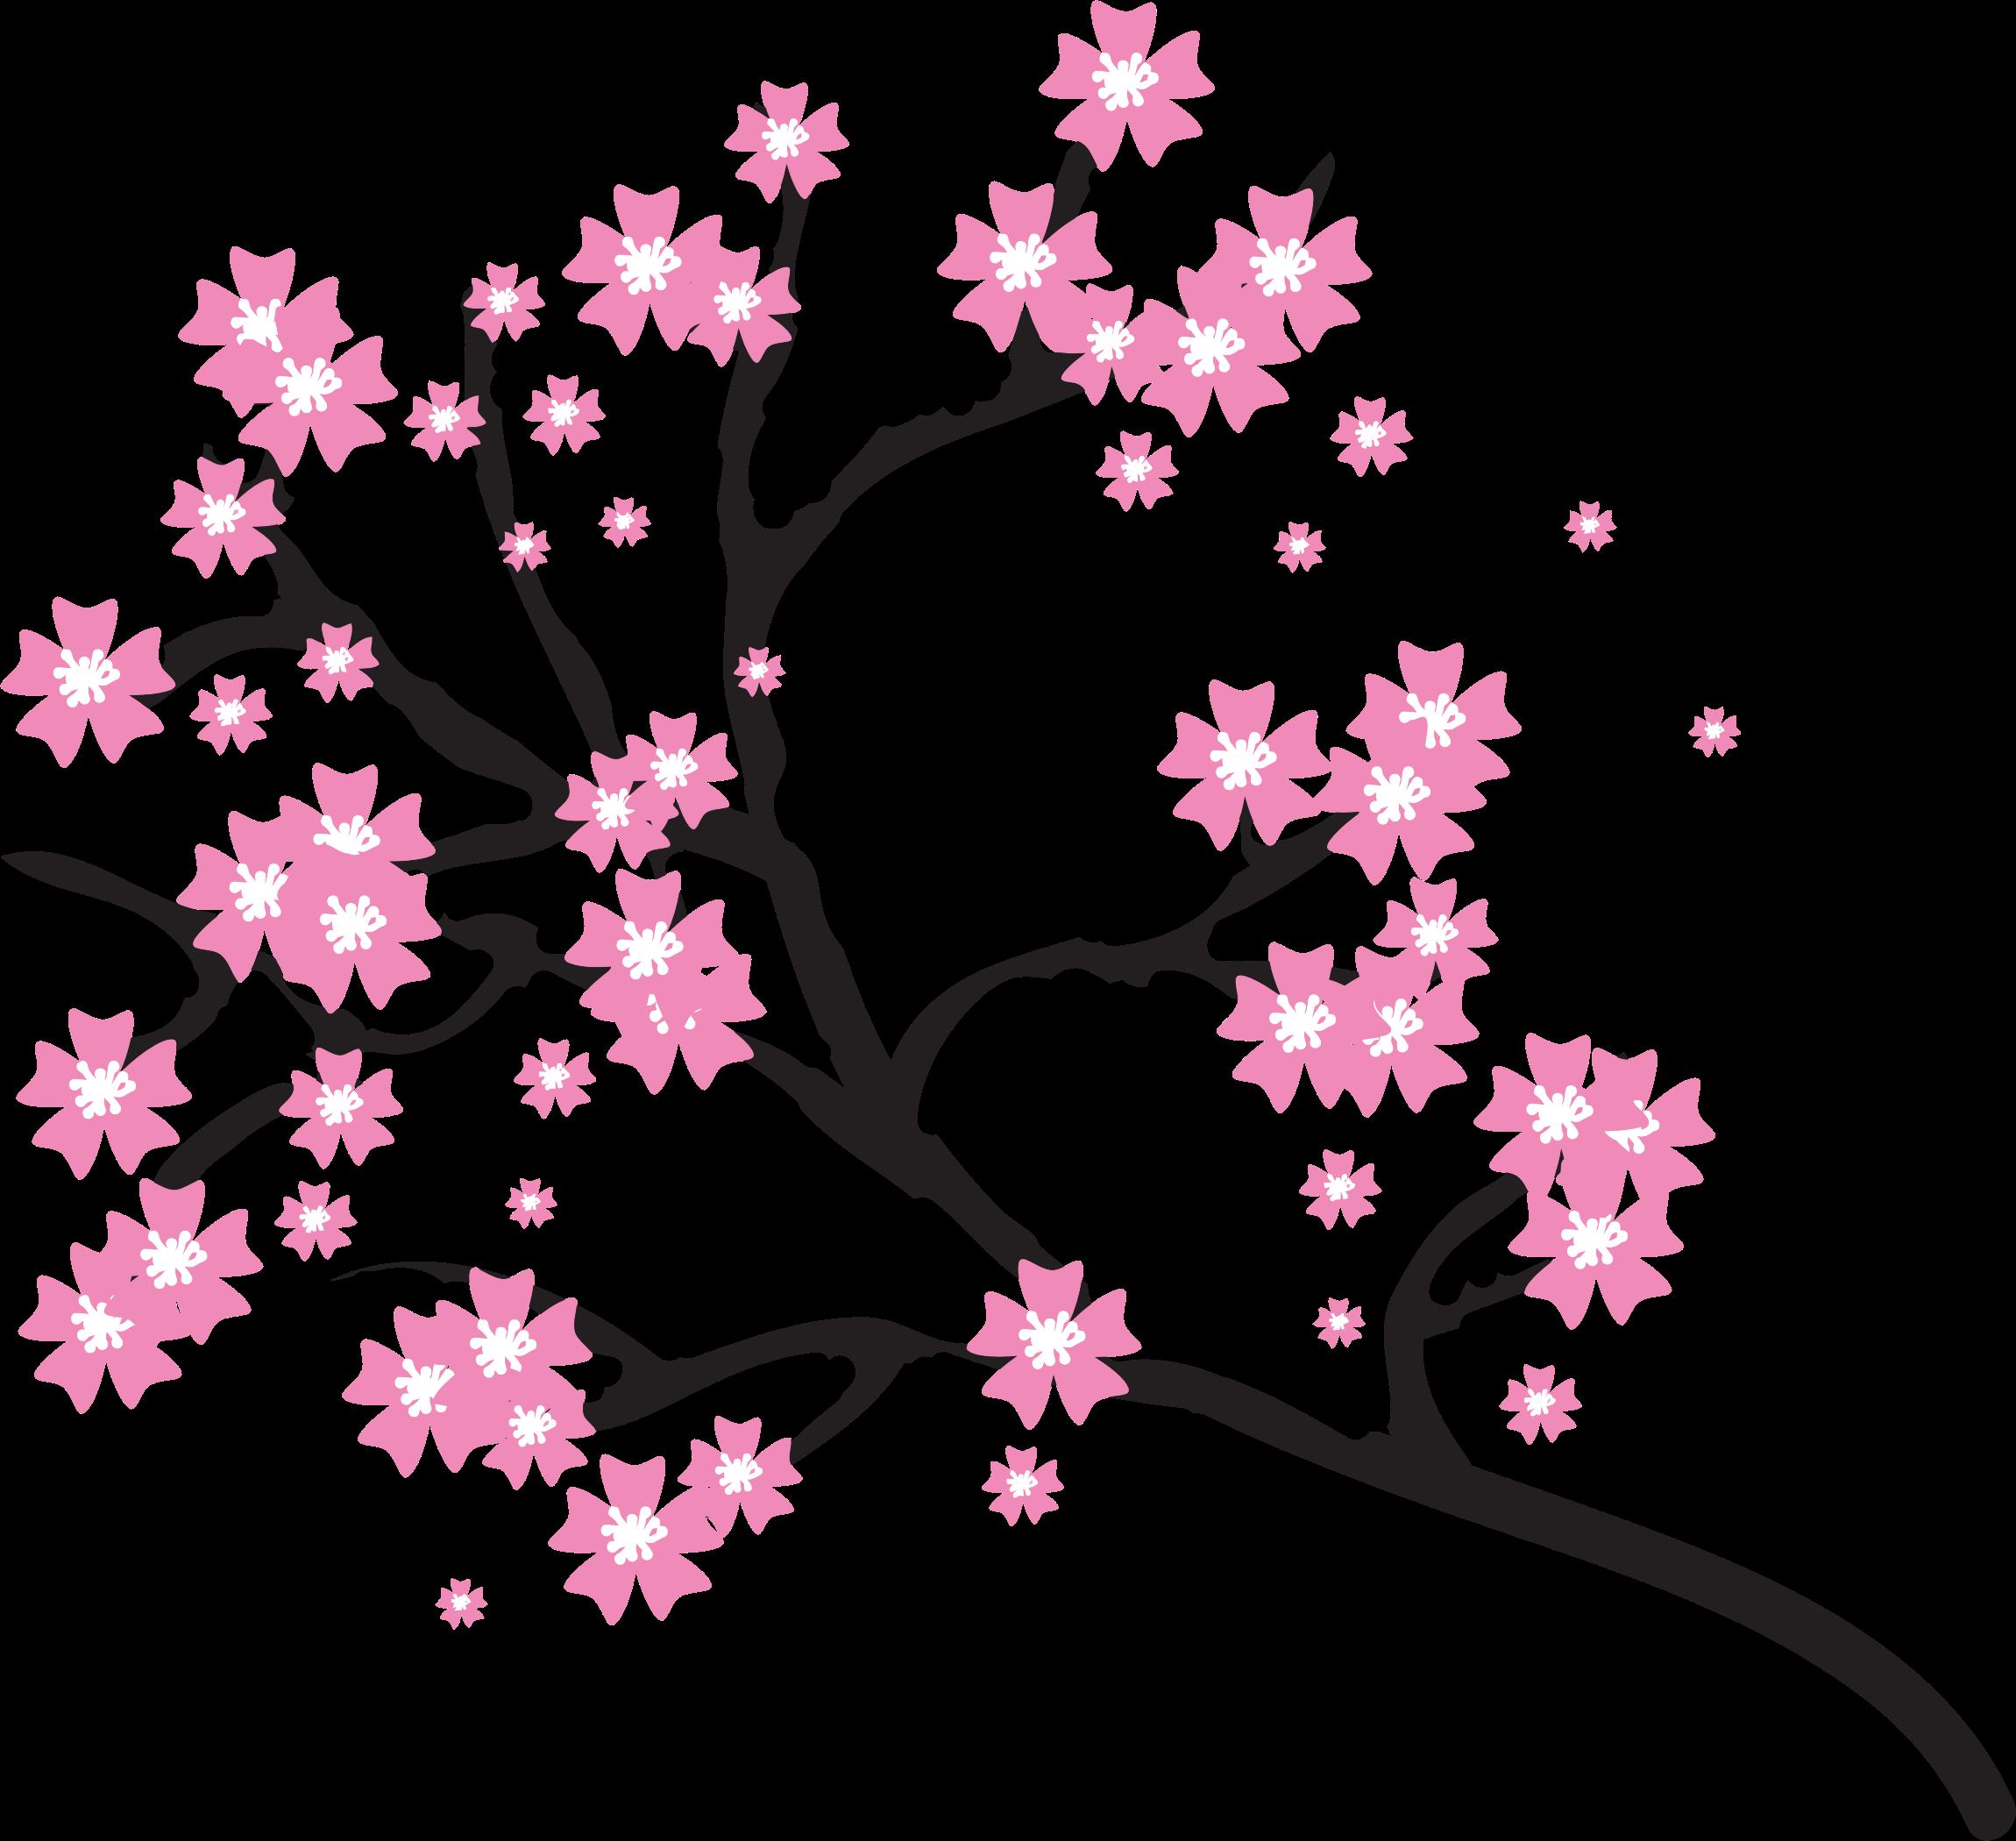 Cherry Blossom Photos